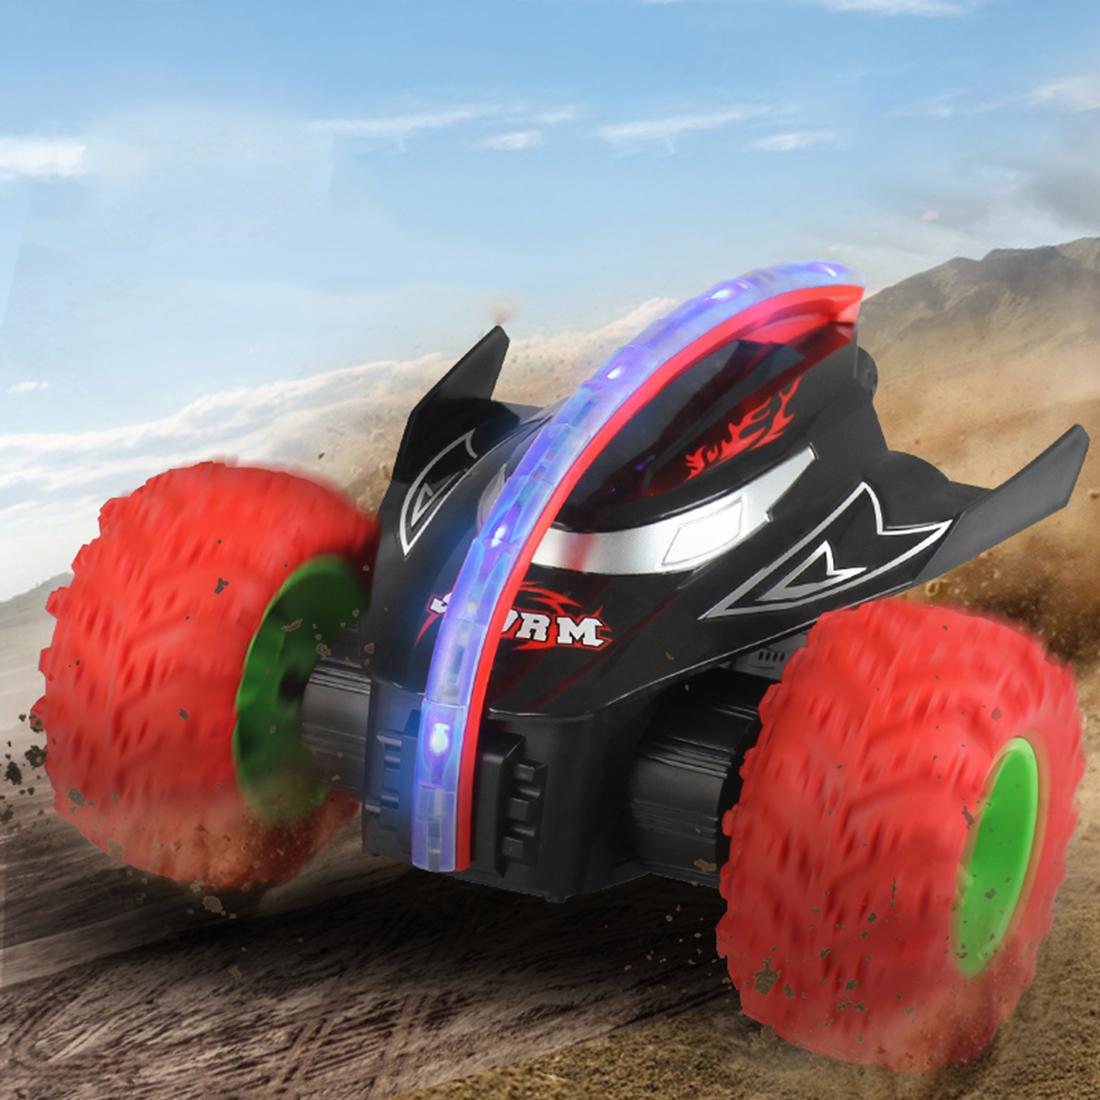 Vendita all'ingrosso Shark Head 360 Girevole Flippable Remote Control Stunt Car Toy con 3 ruote regalo i bambini - rosso